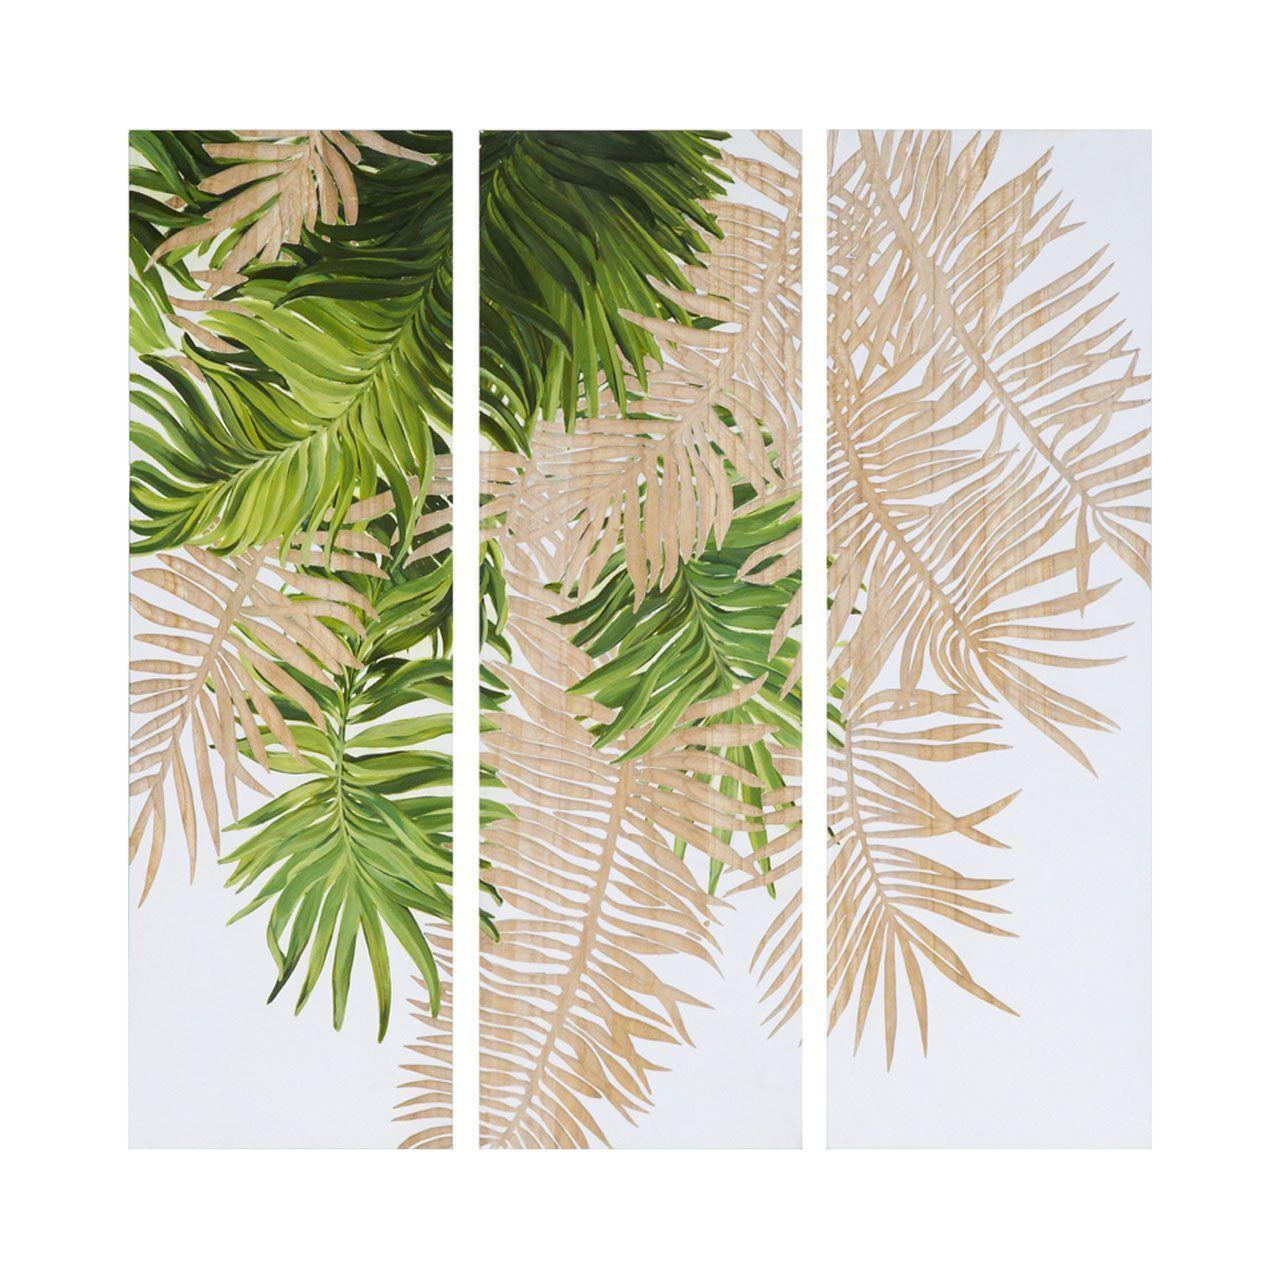 tableau triptyque bois paulownia peinture feuillages verts et blancs art ou pas pinterest. Black Bedroom Furniture Sets. Home Design Ideas